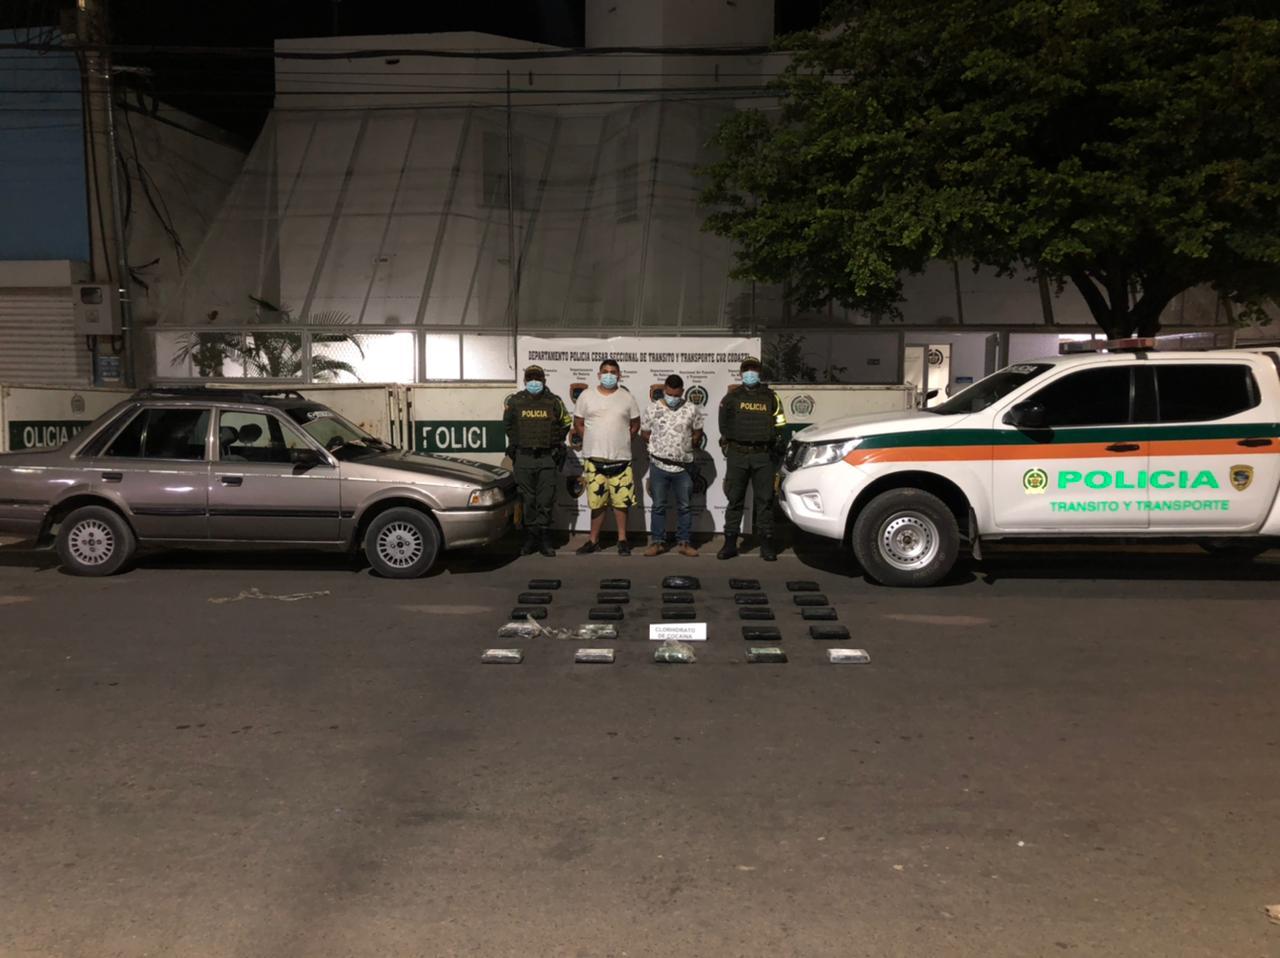 hoyennoticia.com, $250 millones en coca cayeron entre San Roque y La Paz